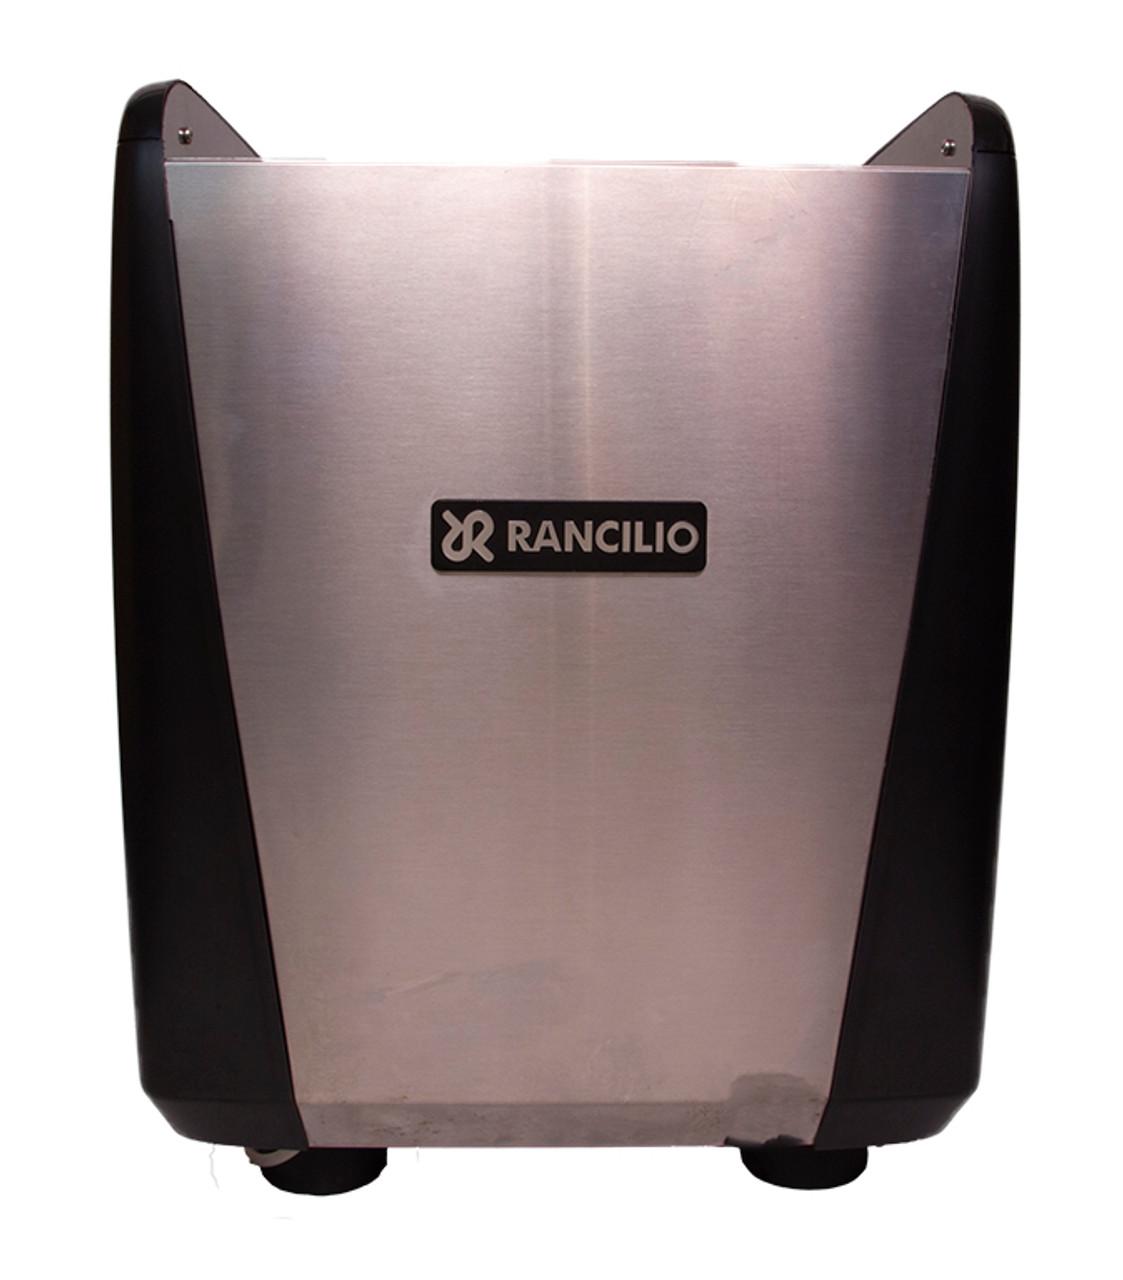 Rancilio and Nuova Simonelli Home Espresso or Catering Package